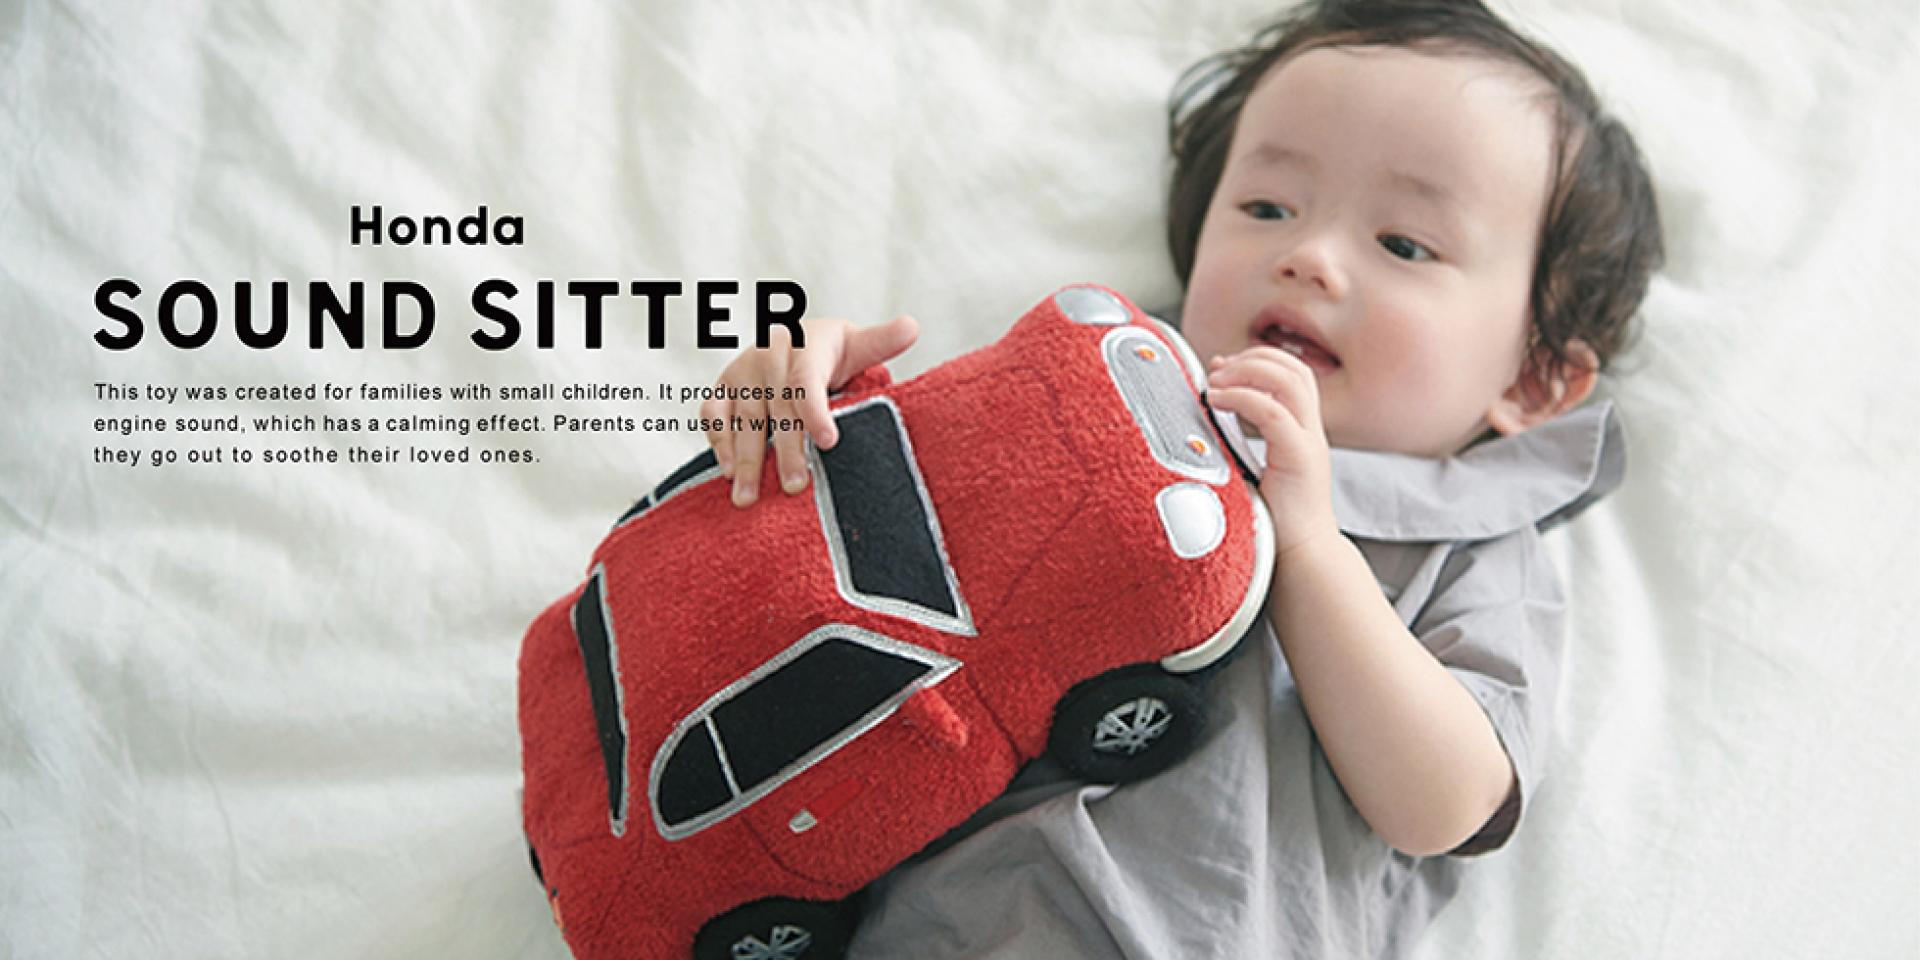 引擎聲浪能停止小孩哭鬧? HONDA推出SOUND SITTER 嬰兒安撫神器